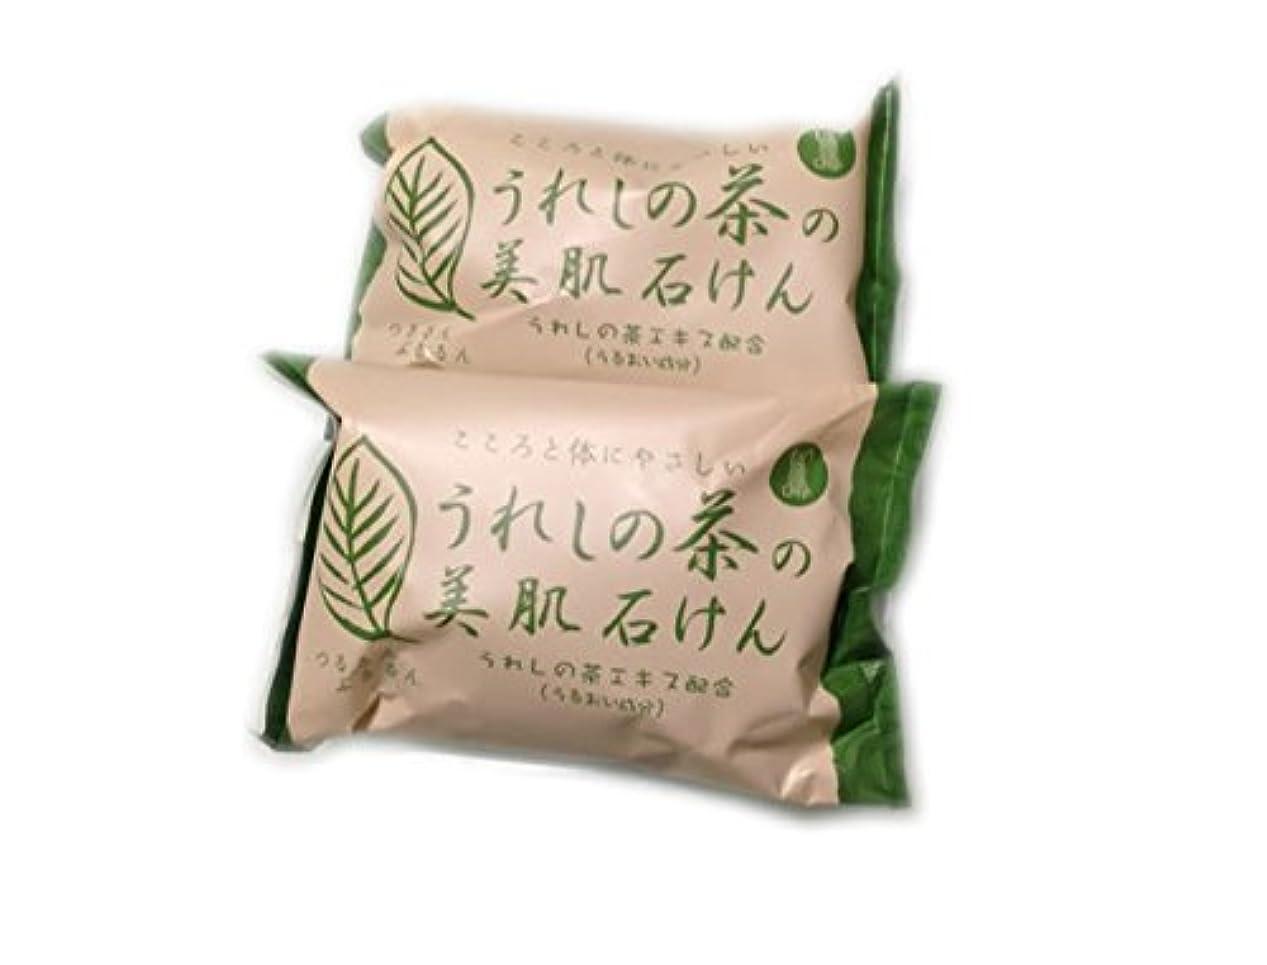 恥委任ディスカウント日本三大美肌の湯嬉野温泉 うれしの茶の美肌石けん2個セット